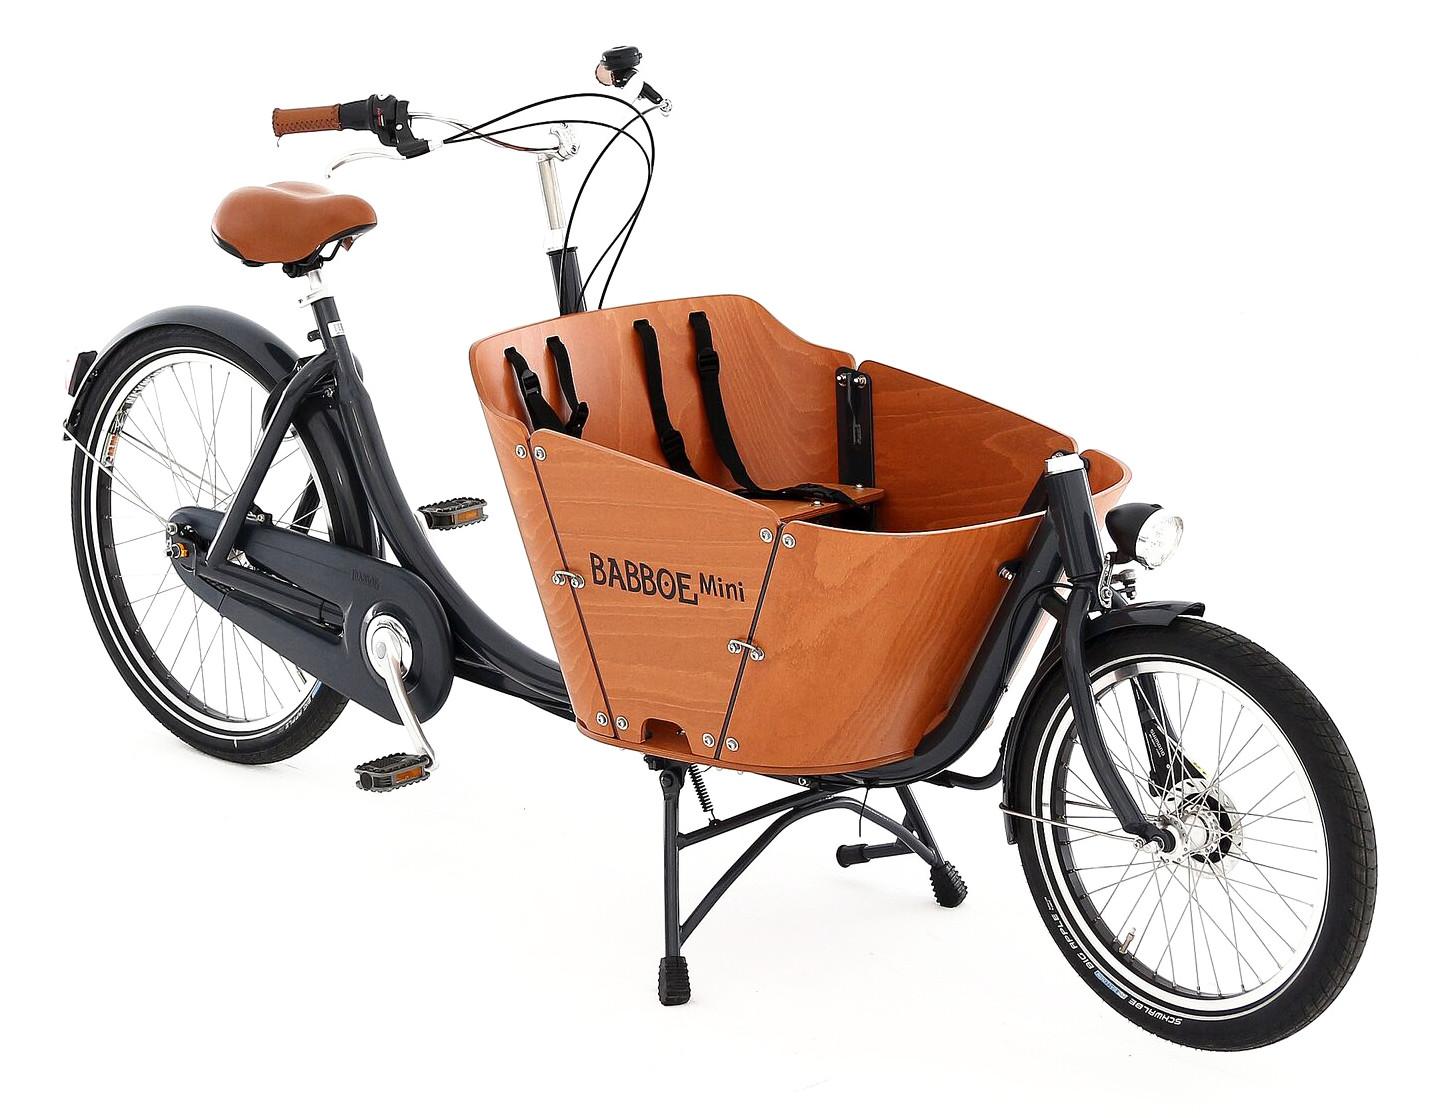 Biporteur Mini Babboe - vélo famille - Blog vélo Amsterdamer - Nouveauté